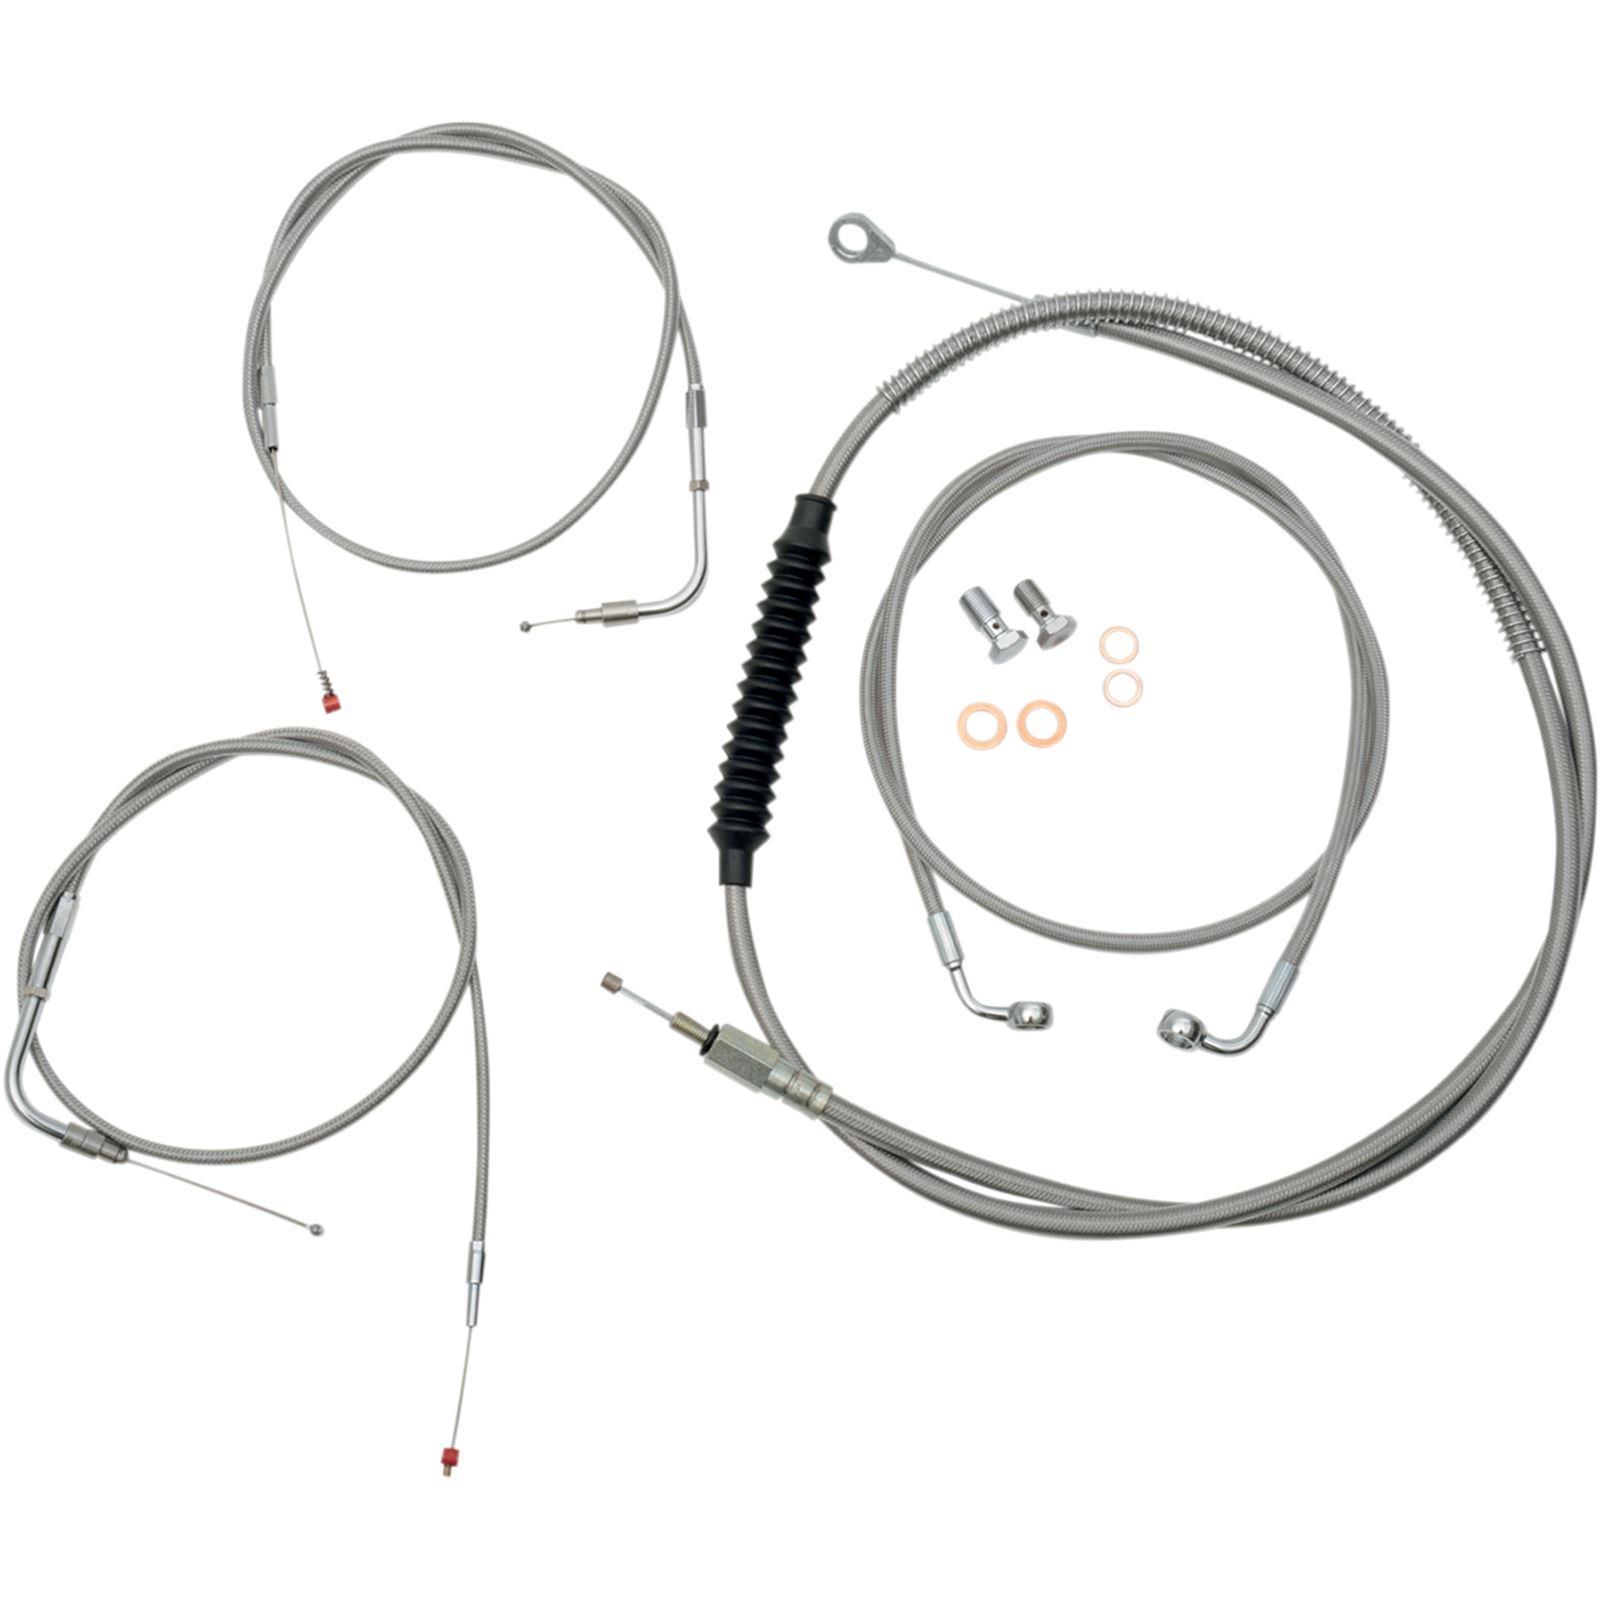 LA Choppers Standard Stainless Braided Handlebar Cable/Brake Line Kit For Stock Ape Hanger Handlebars